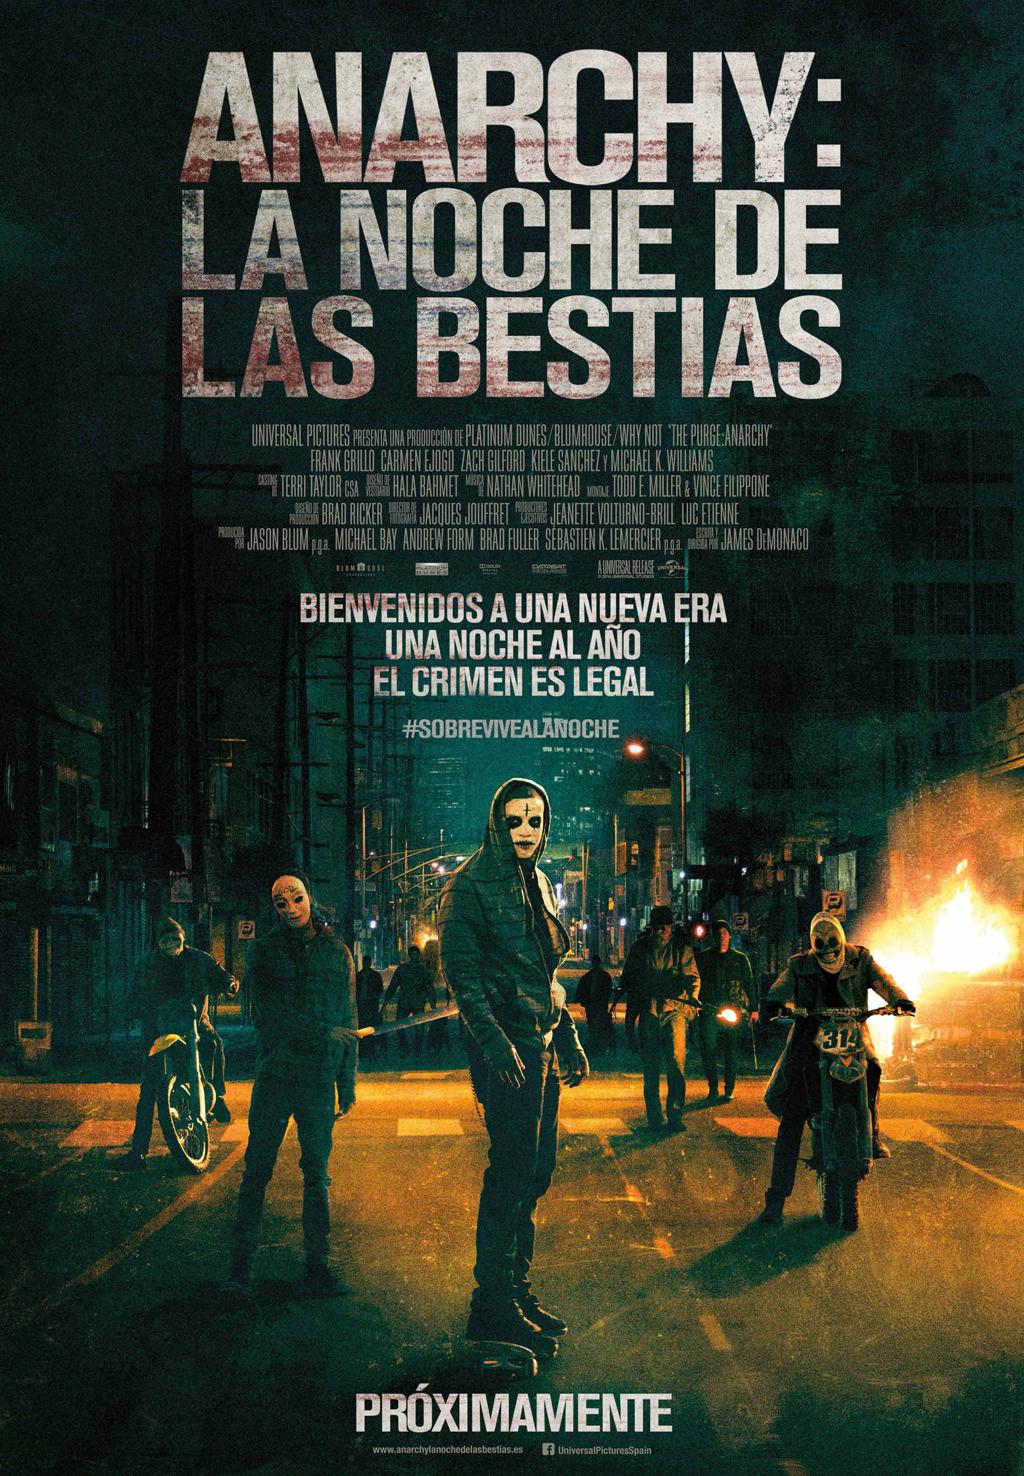 Anarchy-La-noche-de-las-bestias